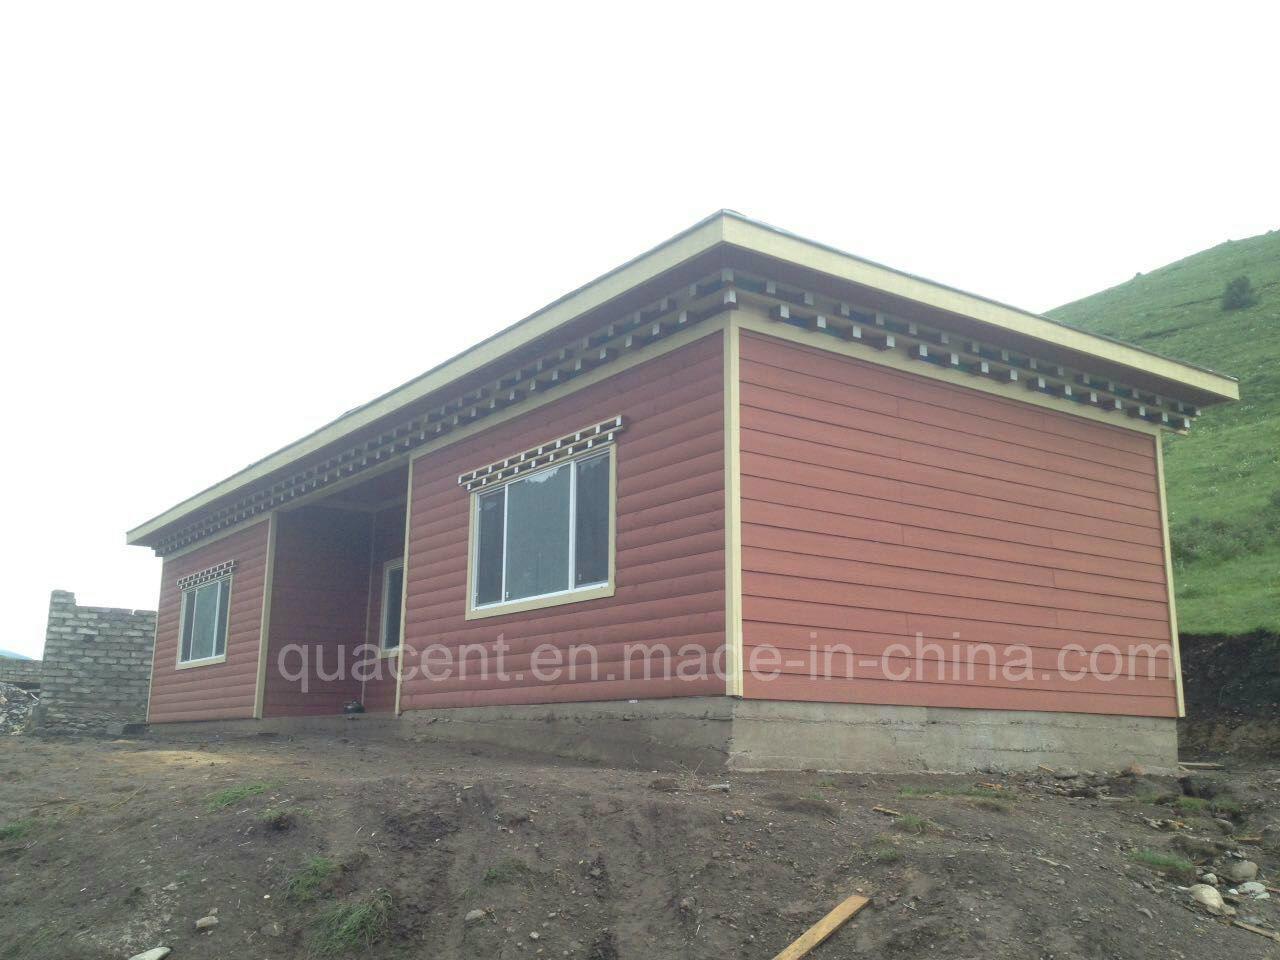 Registro de prefabricados de estilo tibetano casa de madera ...